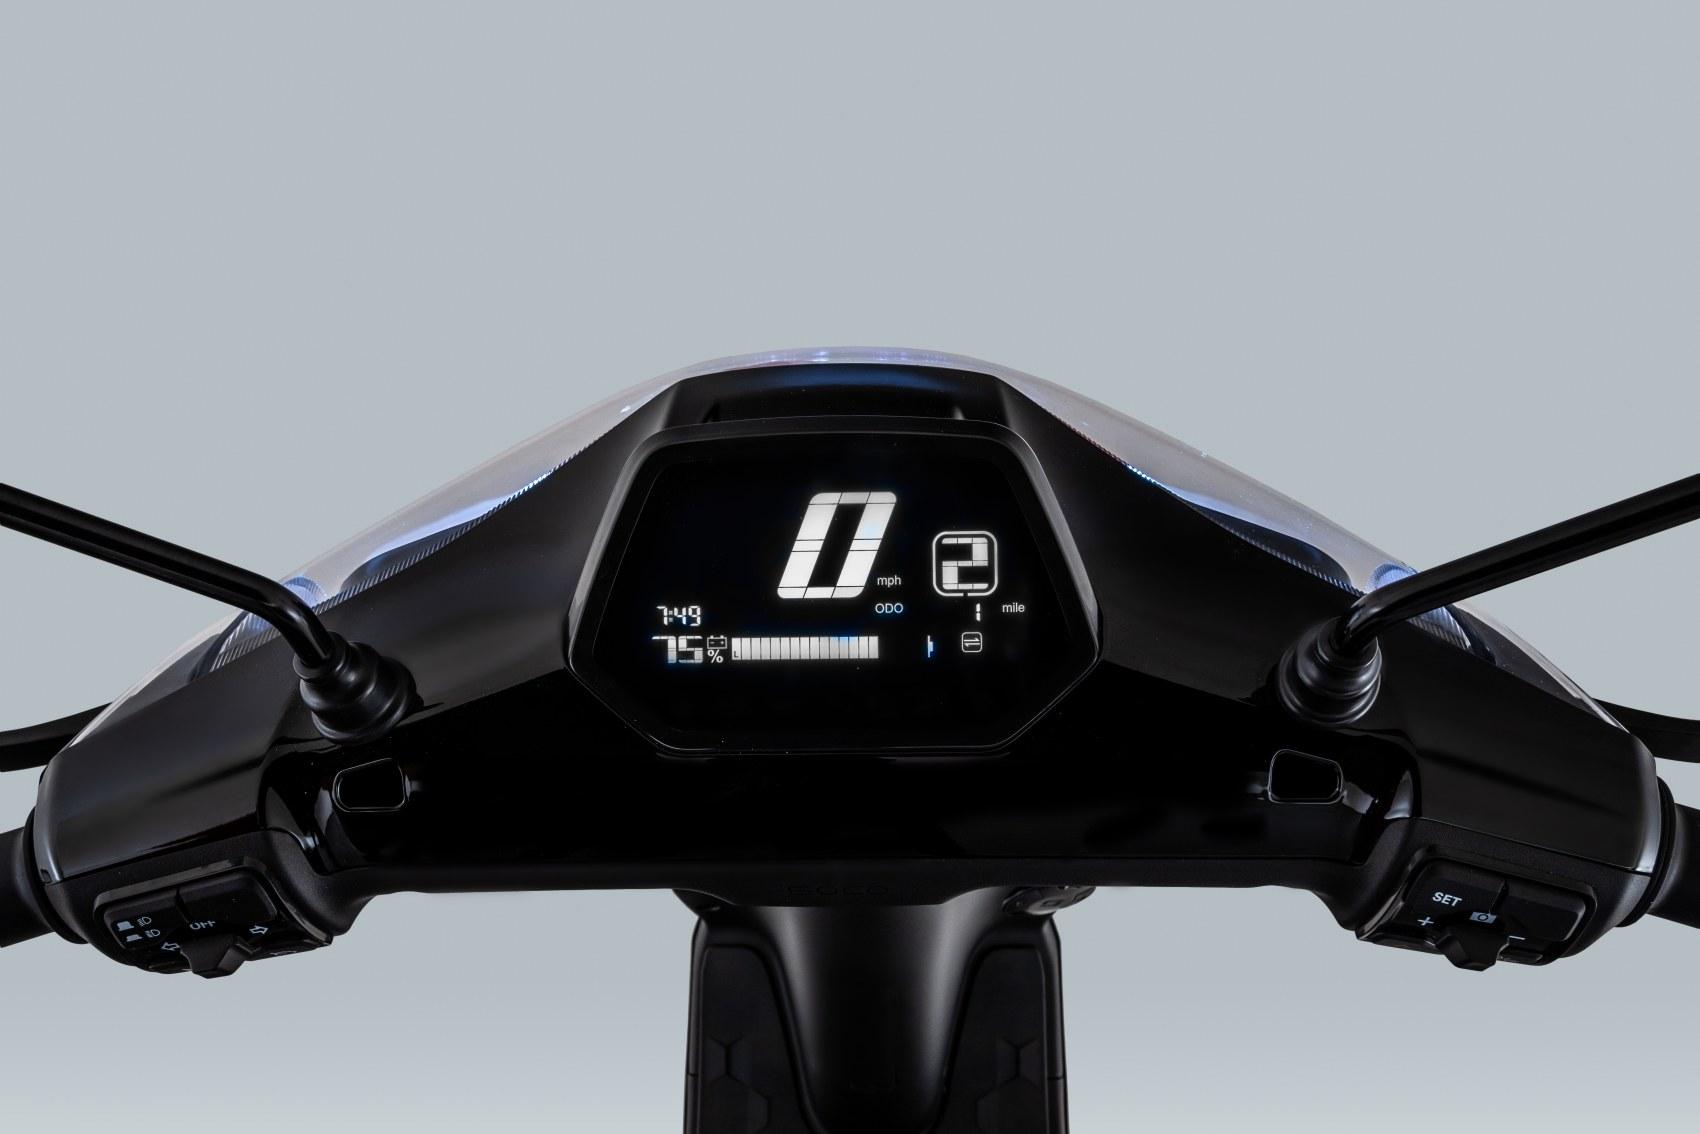 Super Soco CUx electric scooter dash